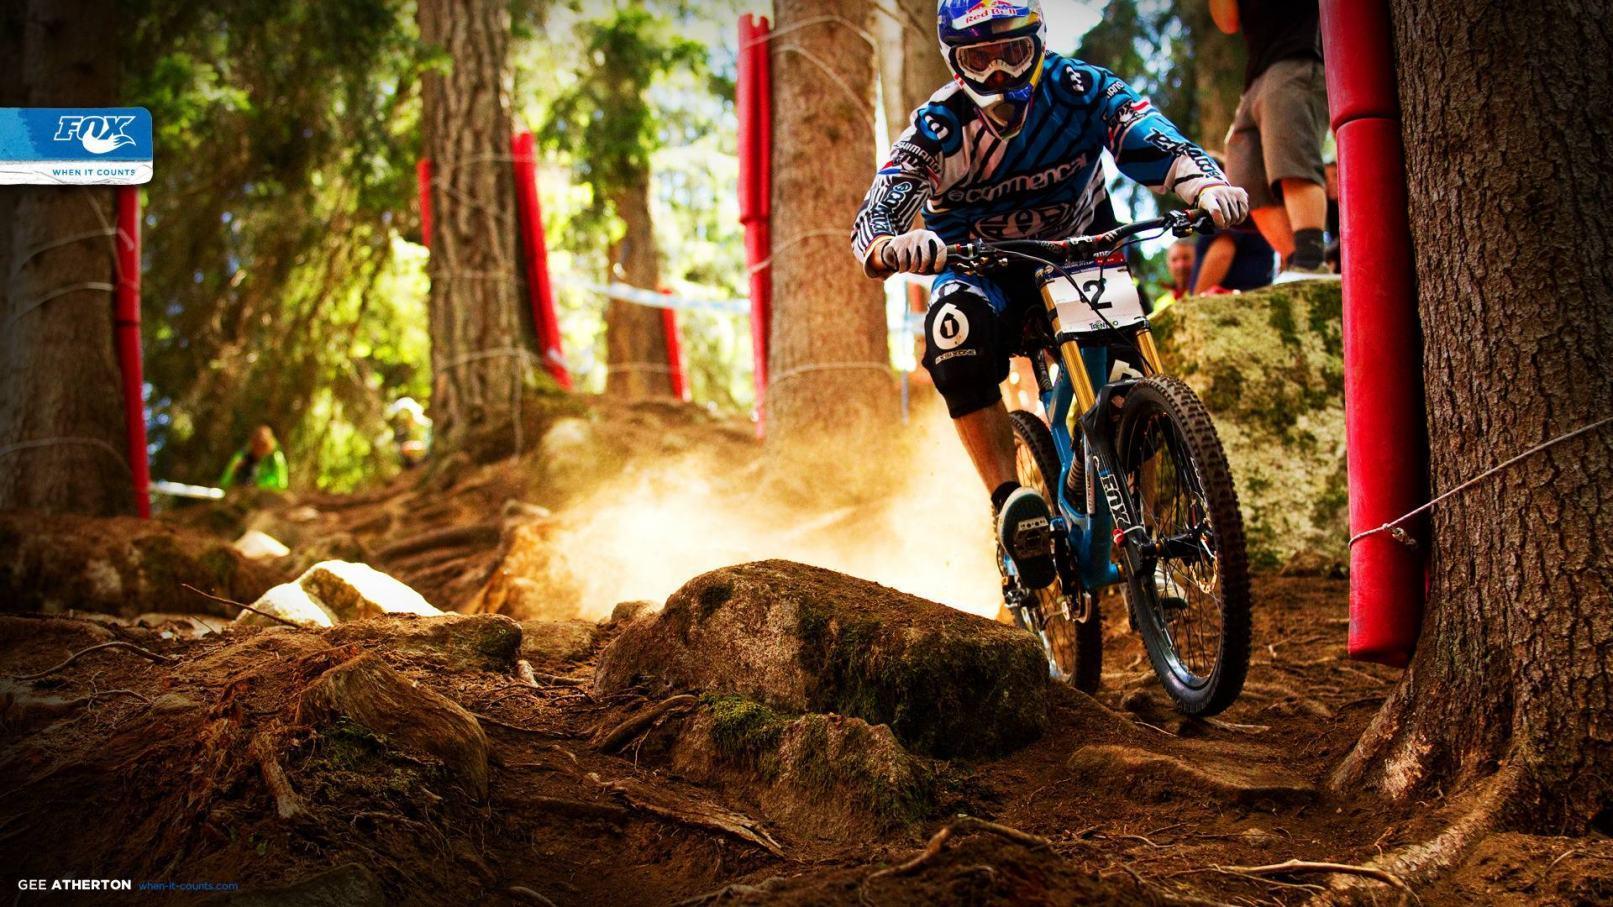 Epic Mountain Biking Wallpapers Top Free Epic Mountain Biking Backgrounds Wallpaperaccess